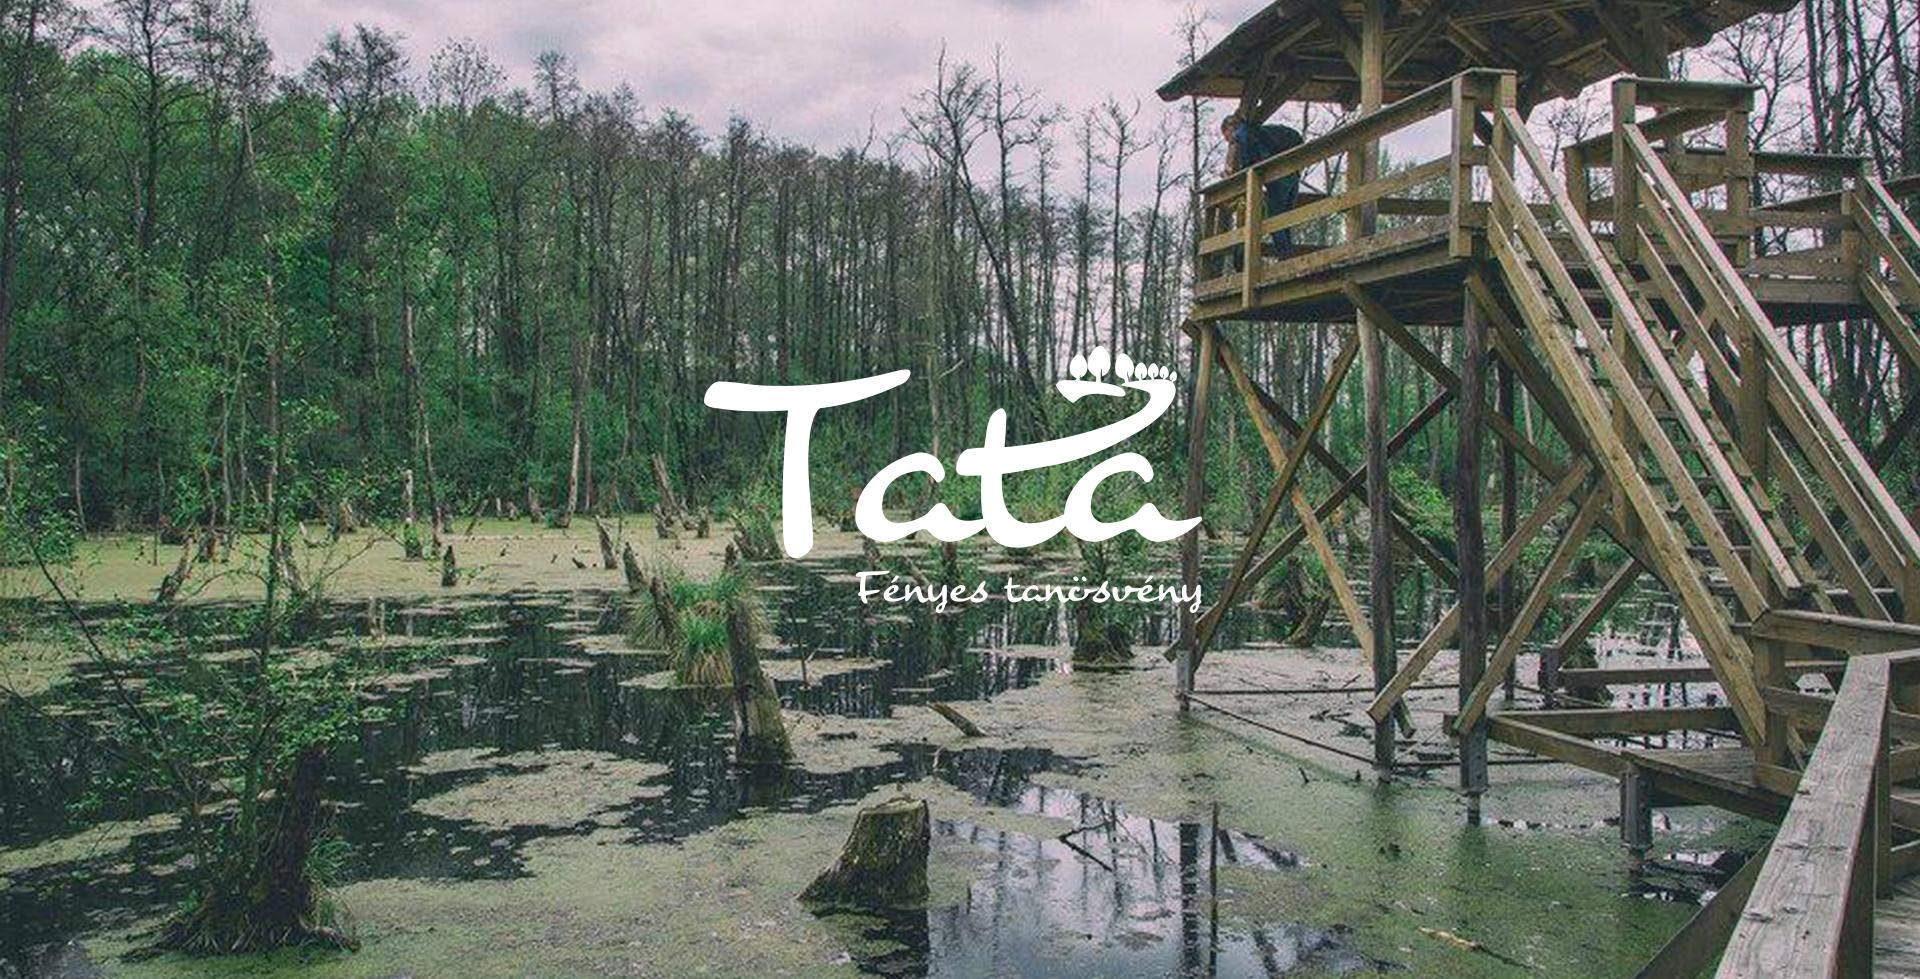 Tata Fényes tanösvény